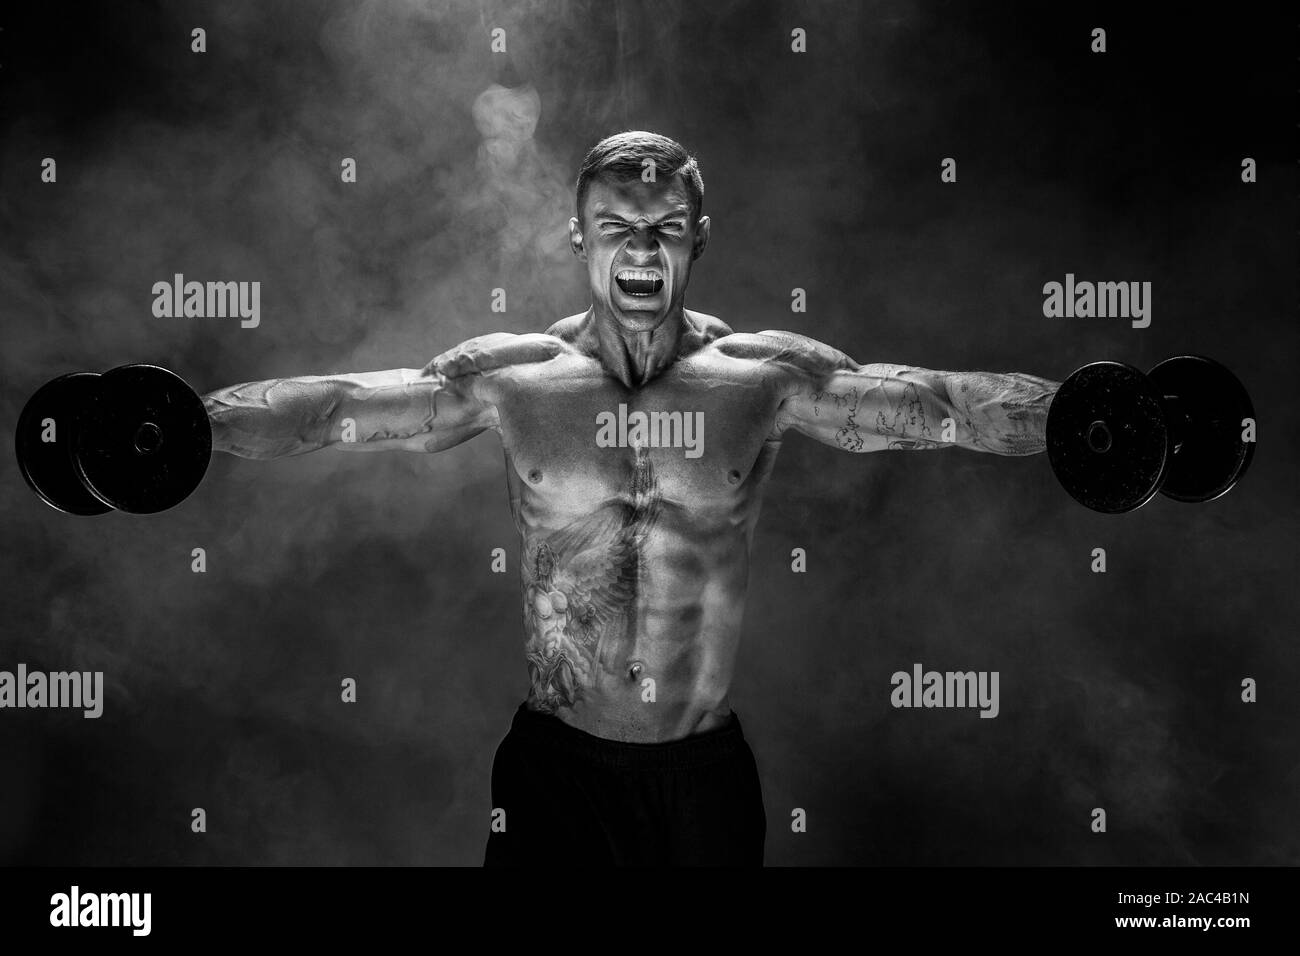 Muy musculoso guy culturista, ejecutar el ejercicio con pesas, el músculo deltoides del hombro. Sream para la motivación. Rodada en estudio de antecedentes de humo. Foto de stock